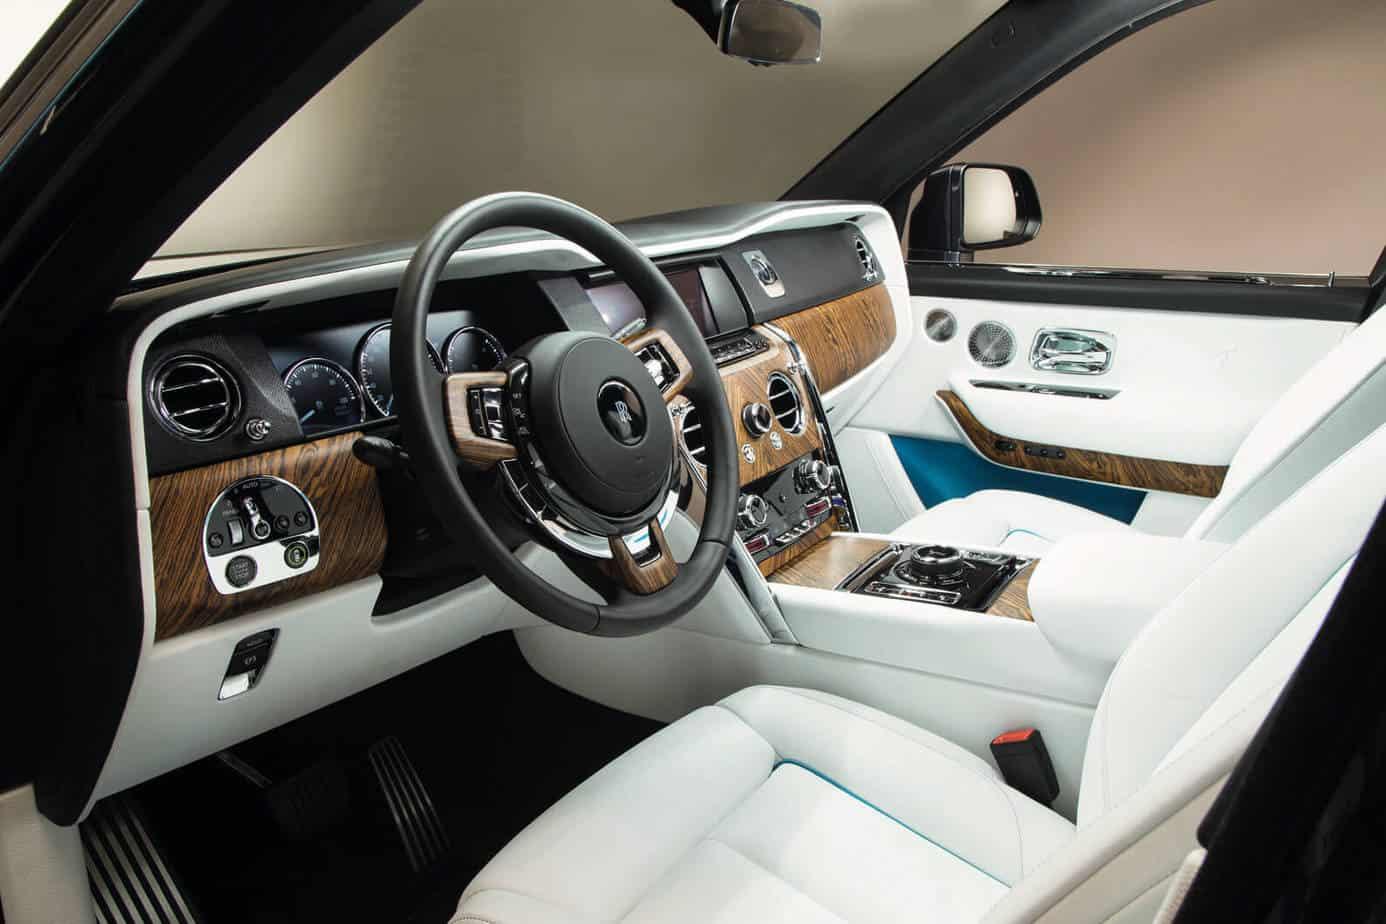 banh lan Rolls Royce - Khám Phá Chi Tiết Toyota Alphard Nhập Khẩu - Chiếc MPV Giá 6 Tỷ Hạng Sang